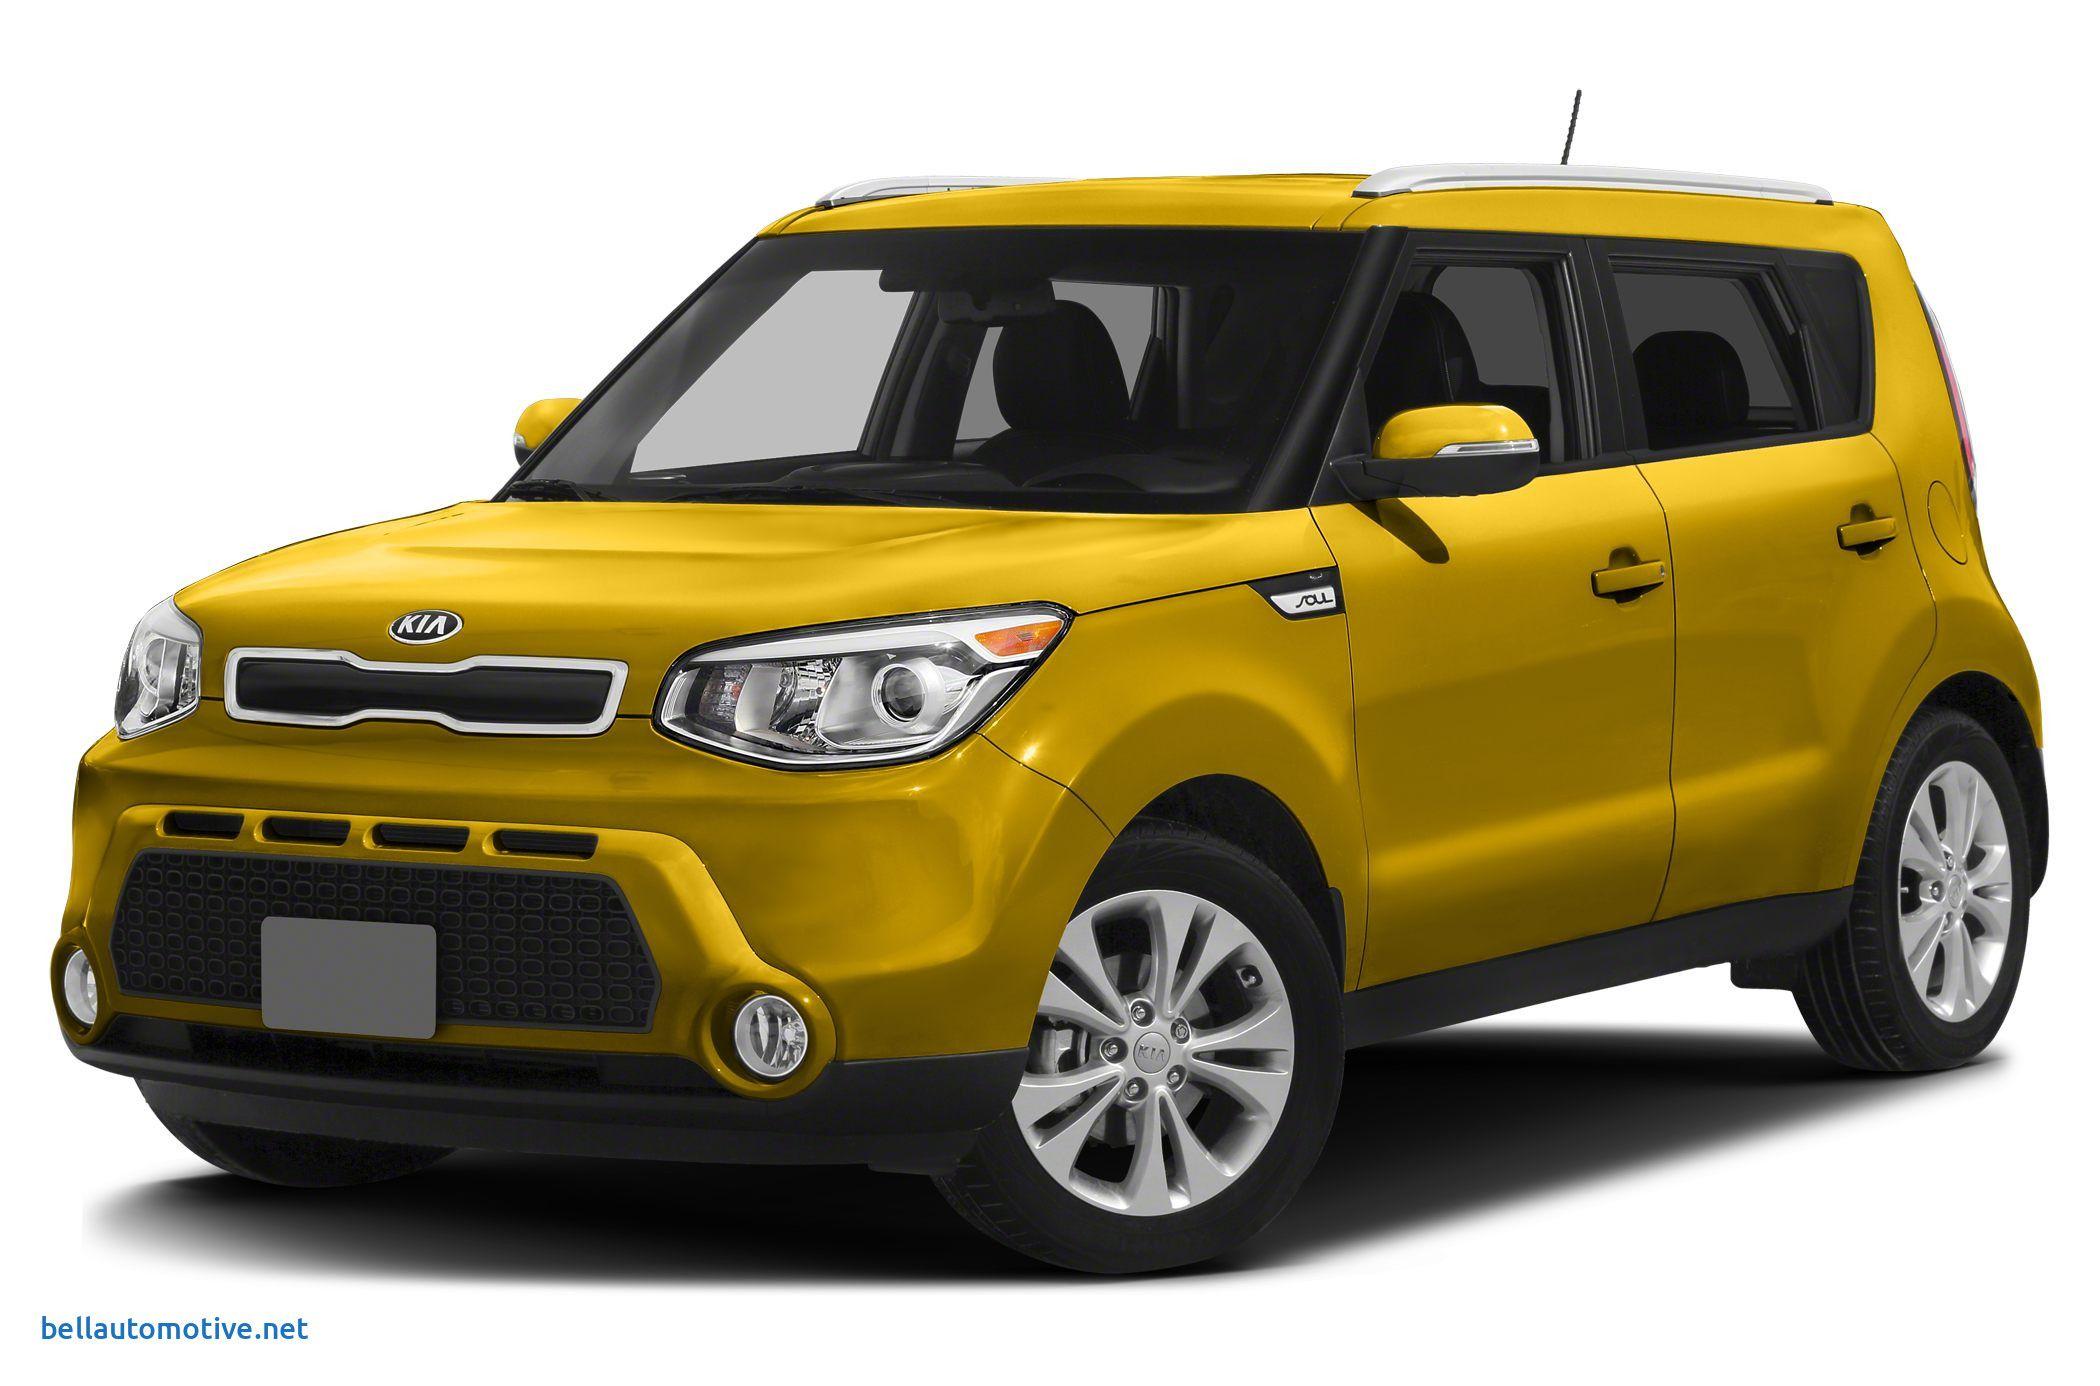 New 2016 Kia Soul Ev Range In 2020 Kia Soul Kia Car